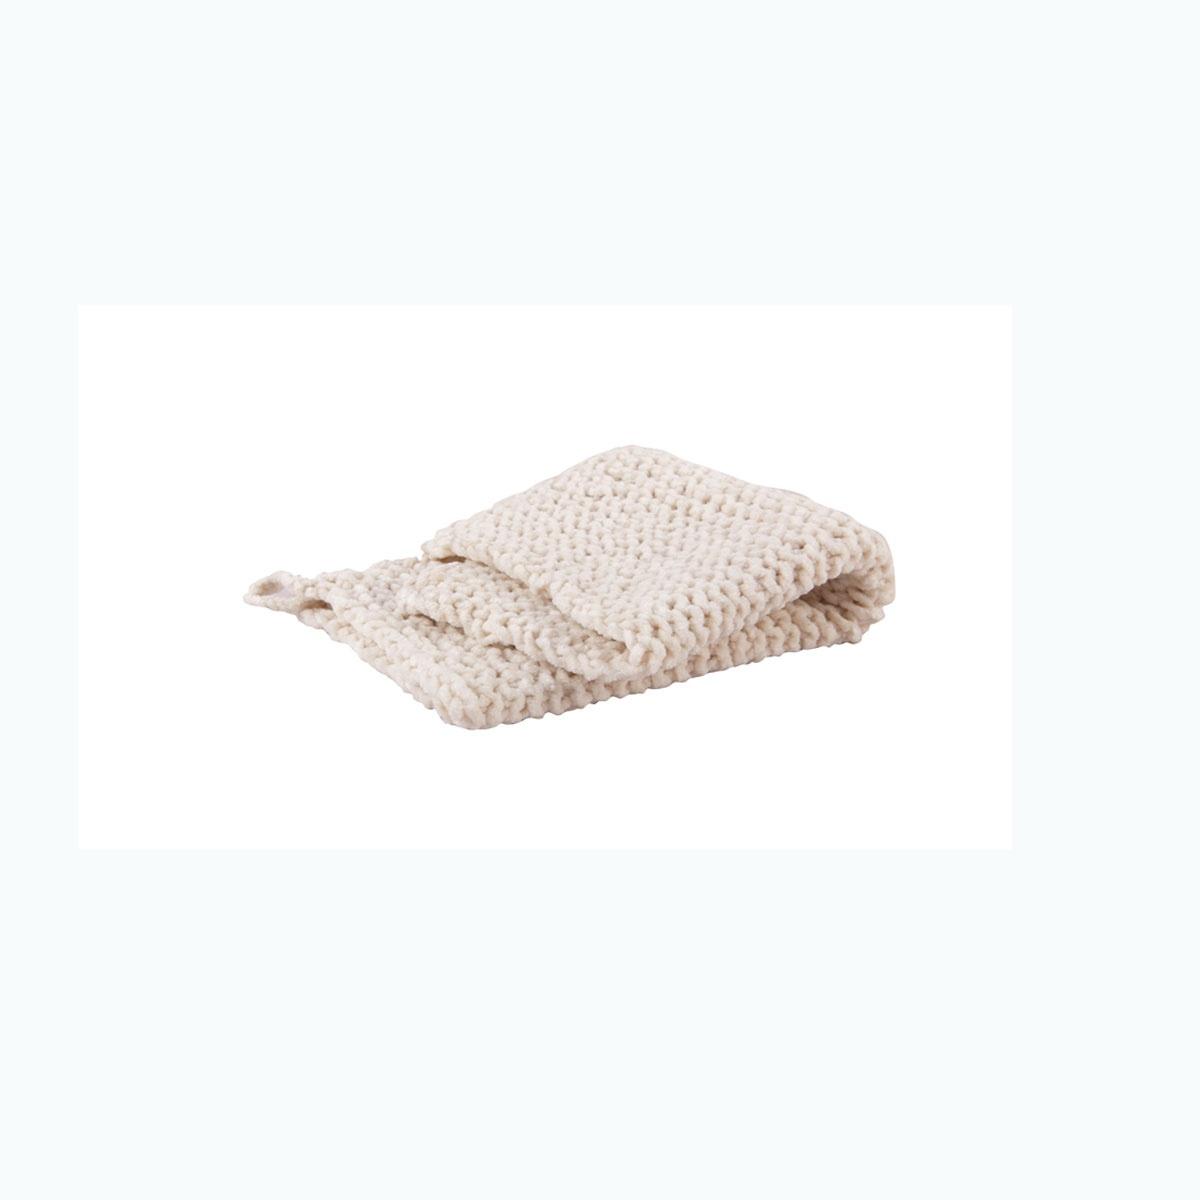 Serviette en coton chenillé (Naturel)